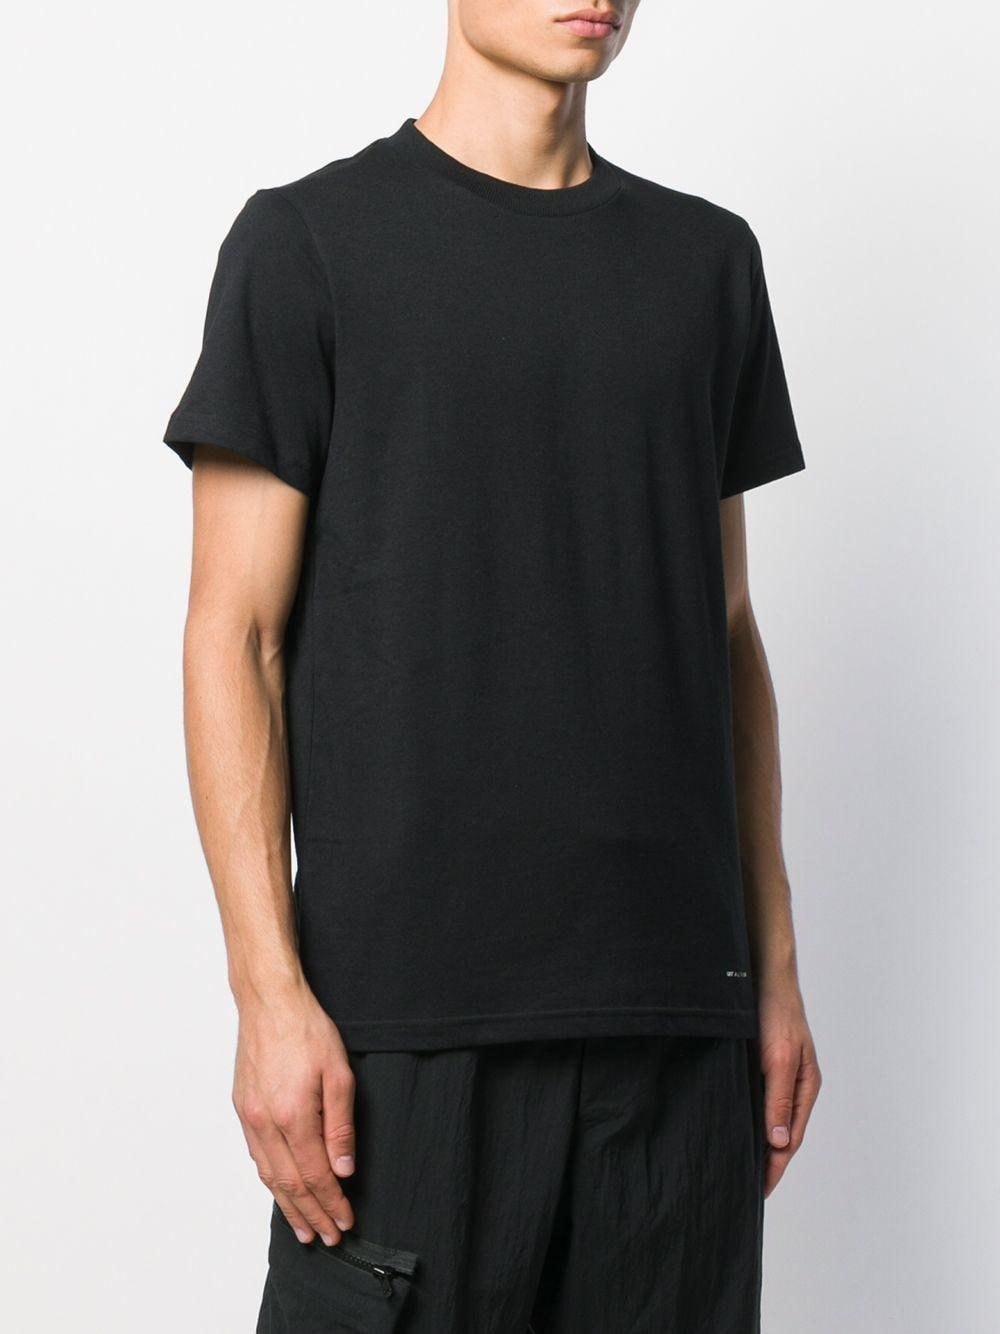 3 PACK T-SHIRT 1017 ALYX 9SM | T-shirts | AVUTS0024FA01BLK0001